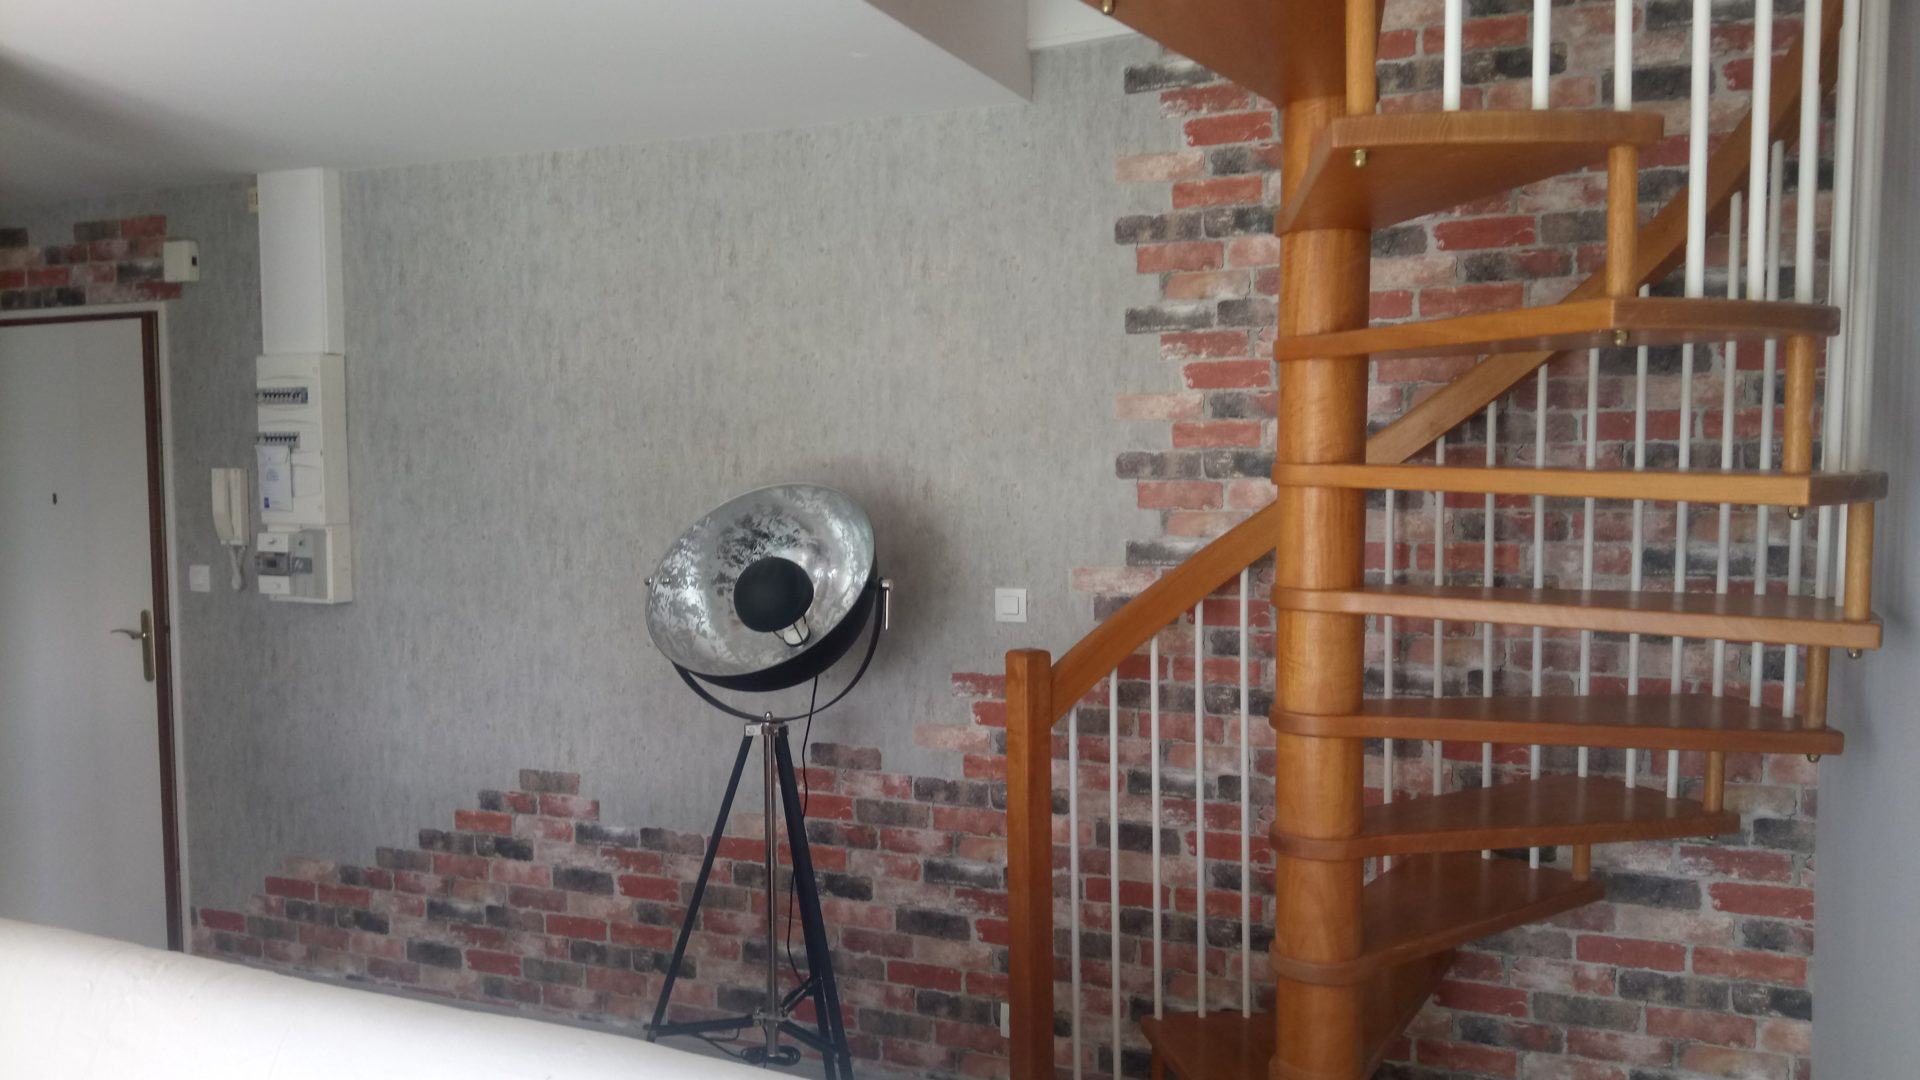 Quimper Nord decoration interieur effet fausse brique 11 - Peinture décoration